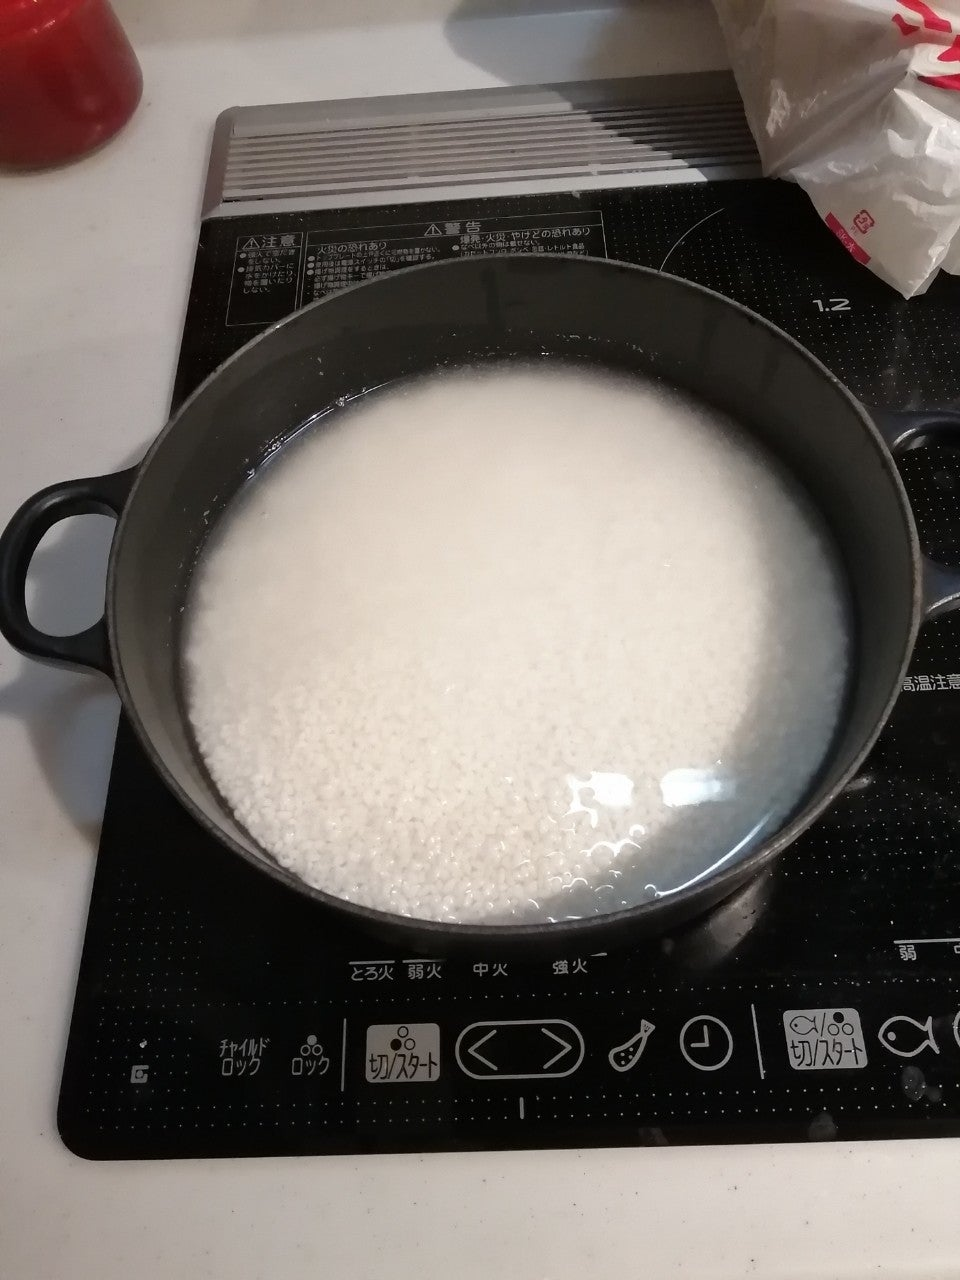 浸す 米 時間 に 水